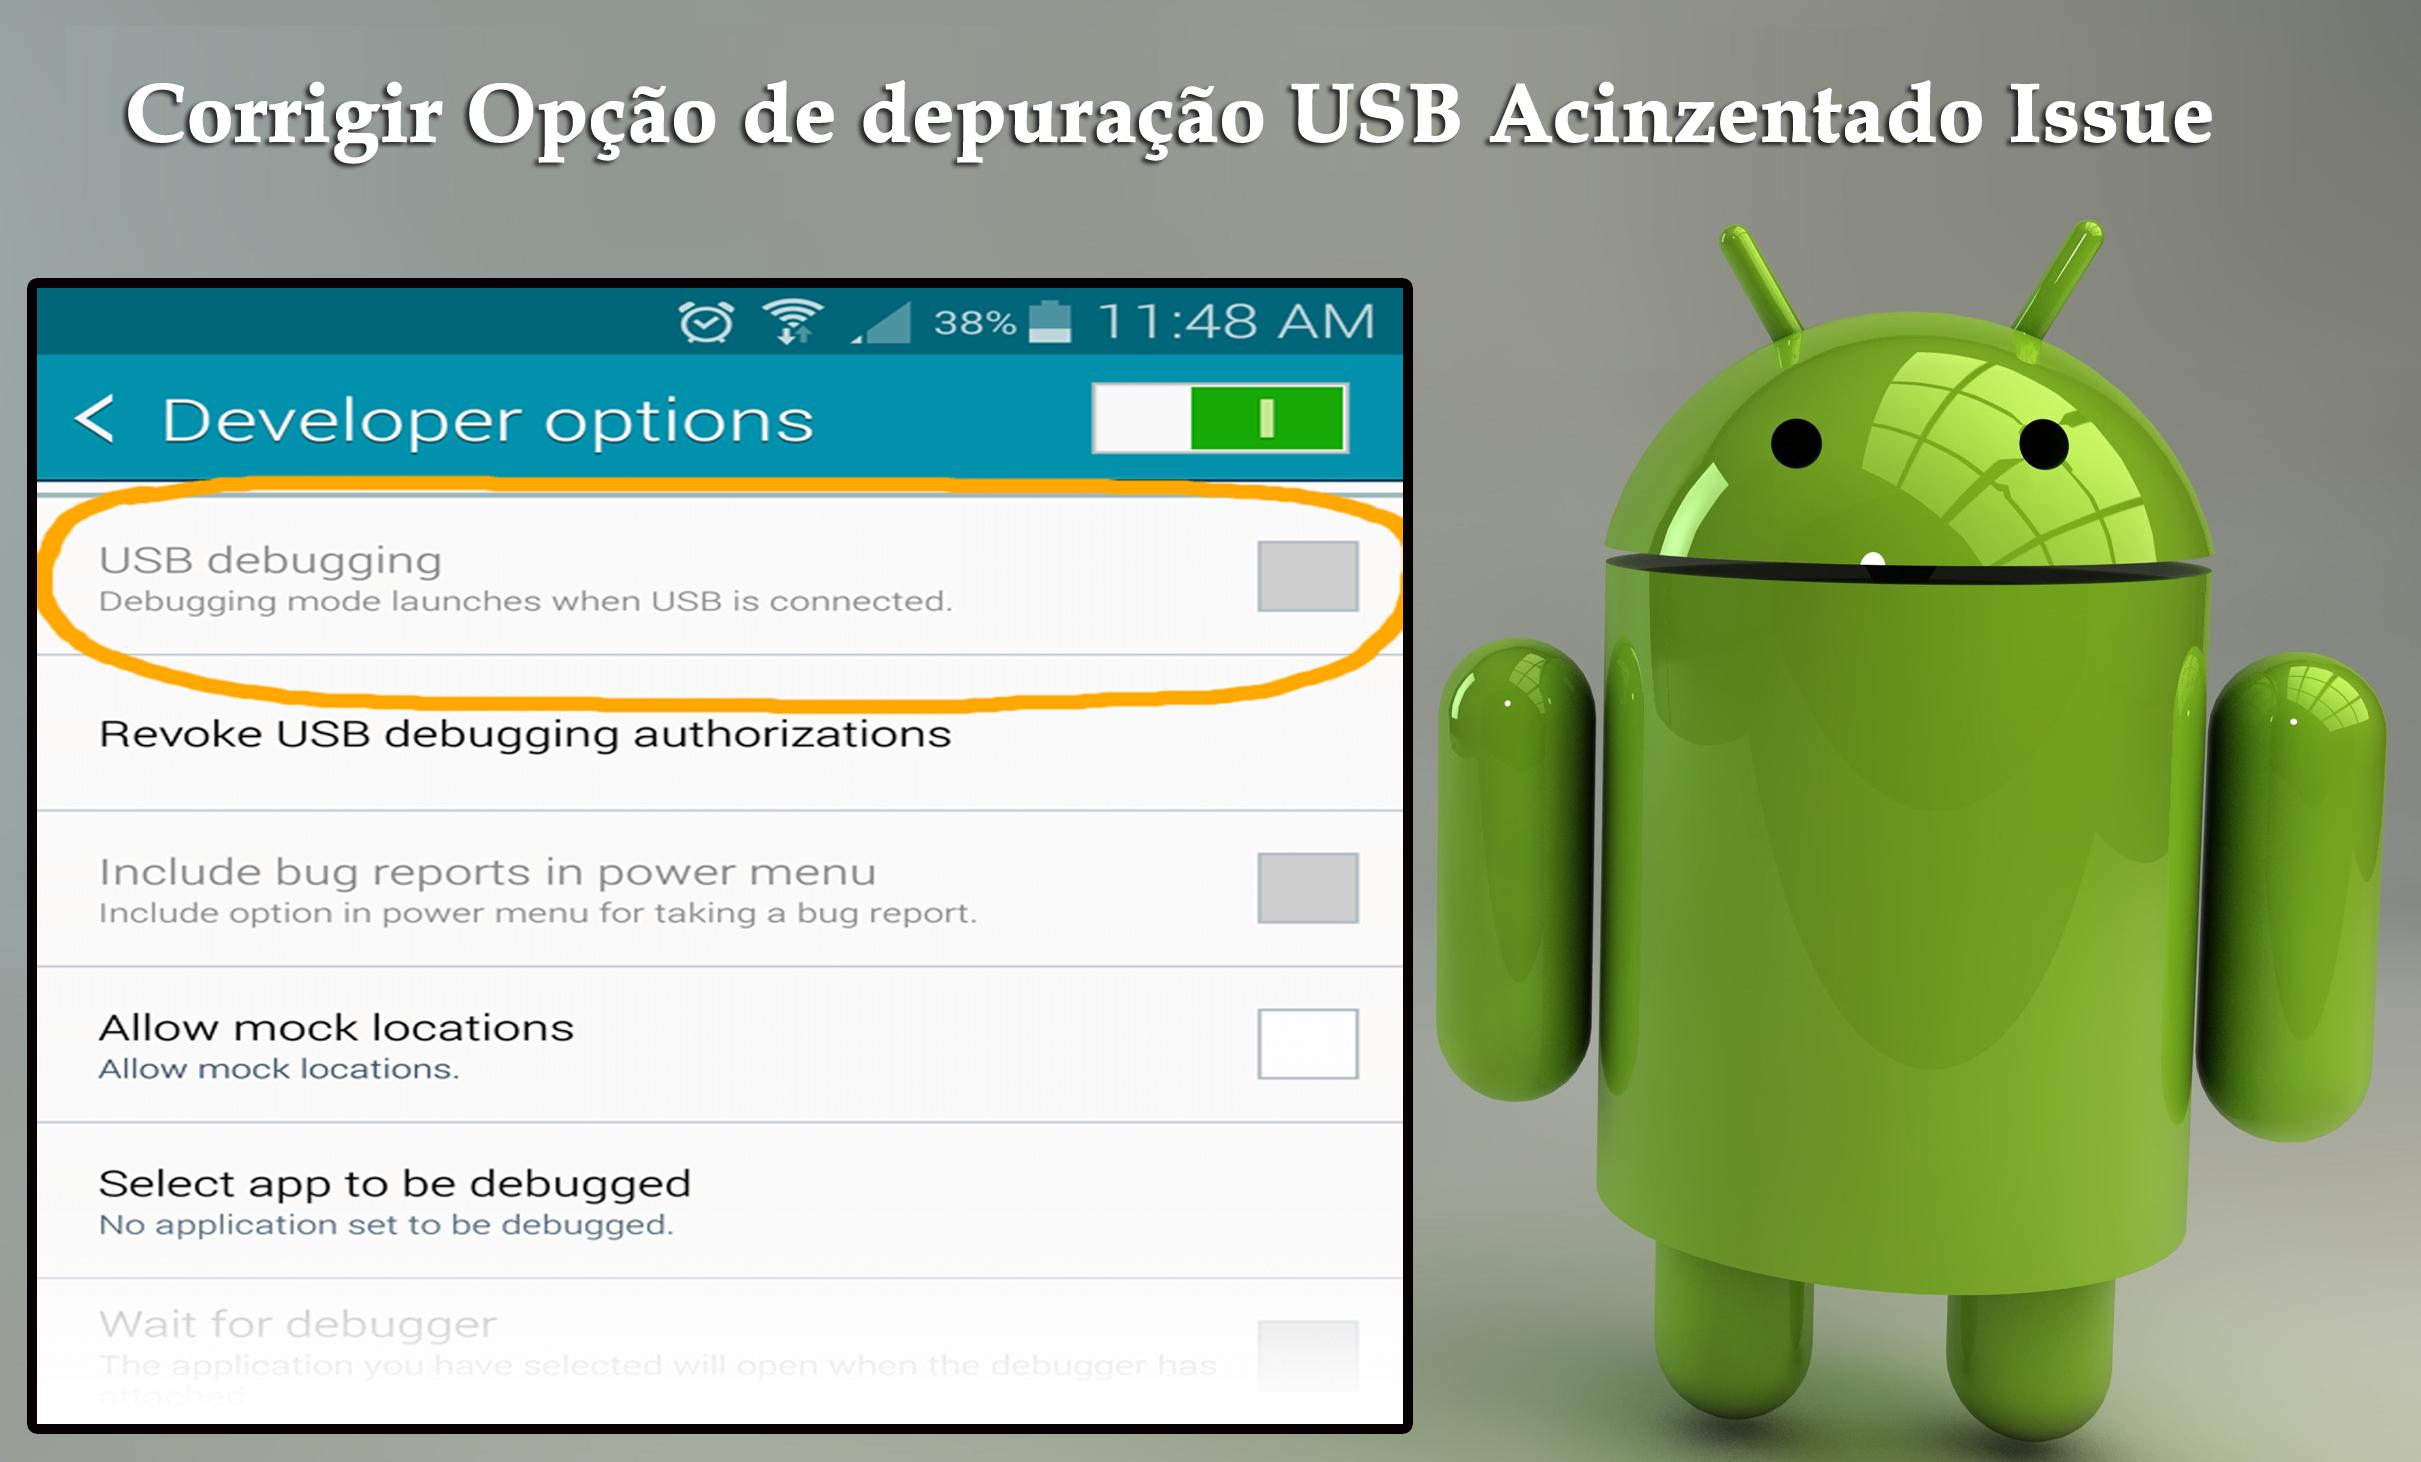 corrigir Opção de depuração USB Acinzentado Issue